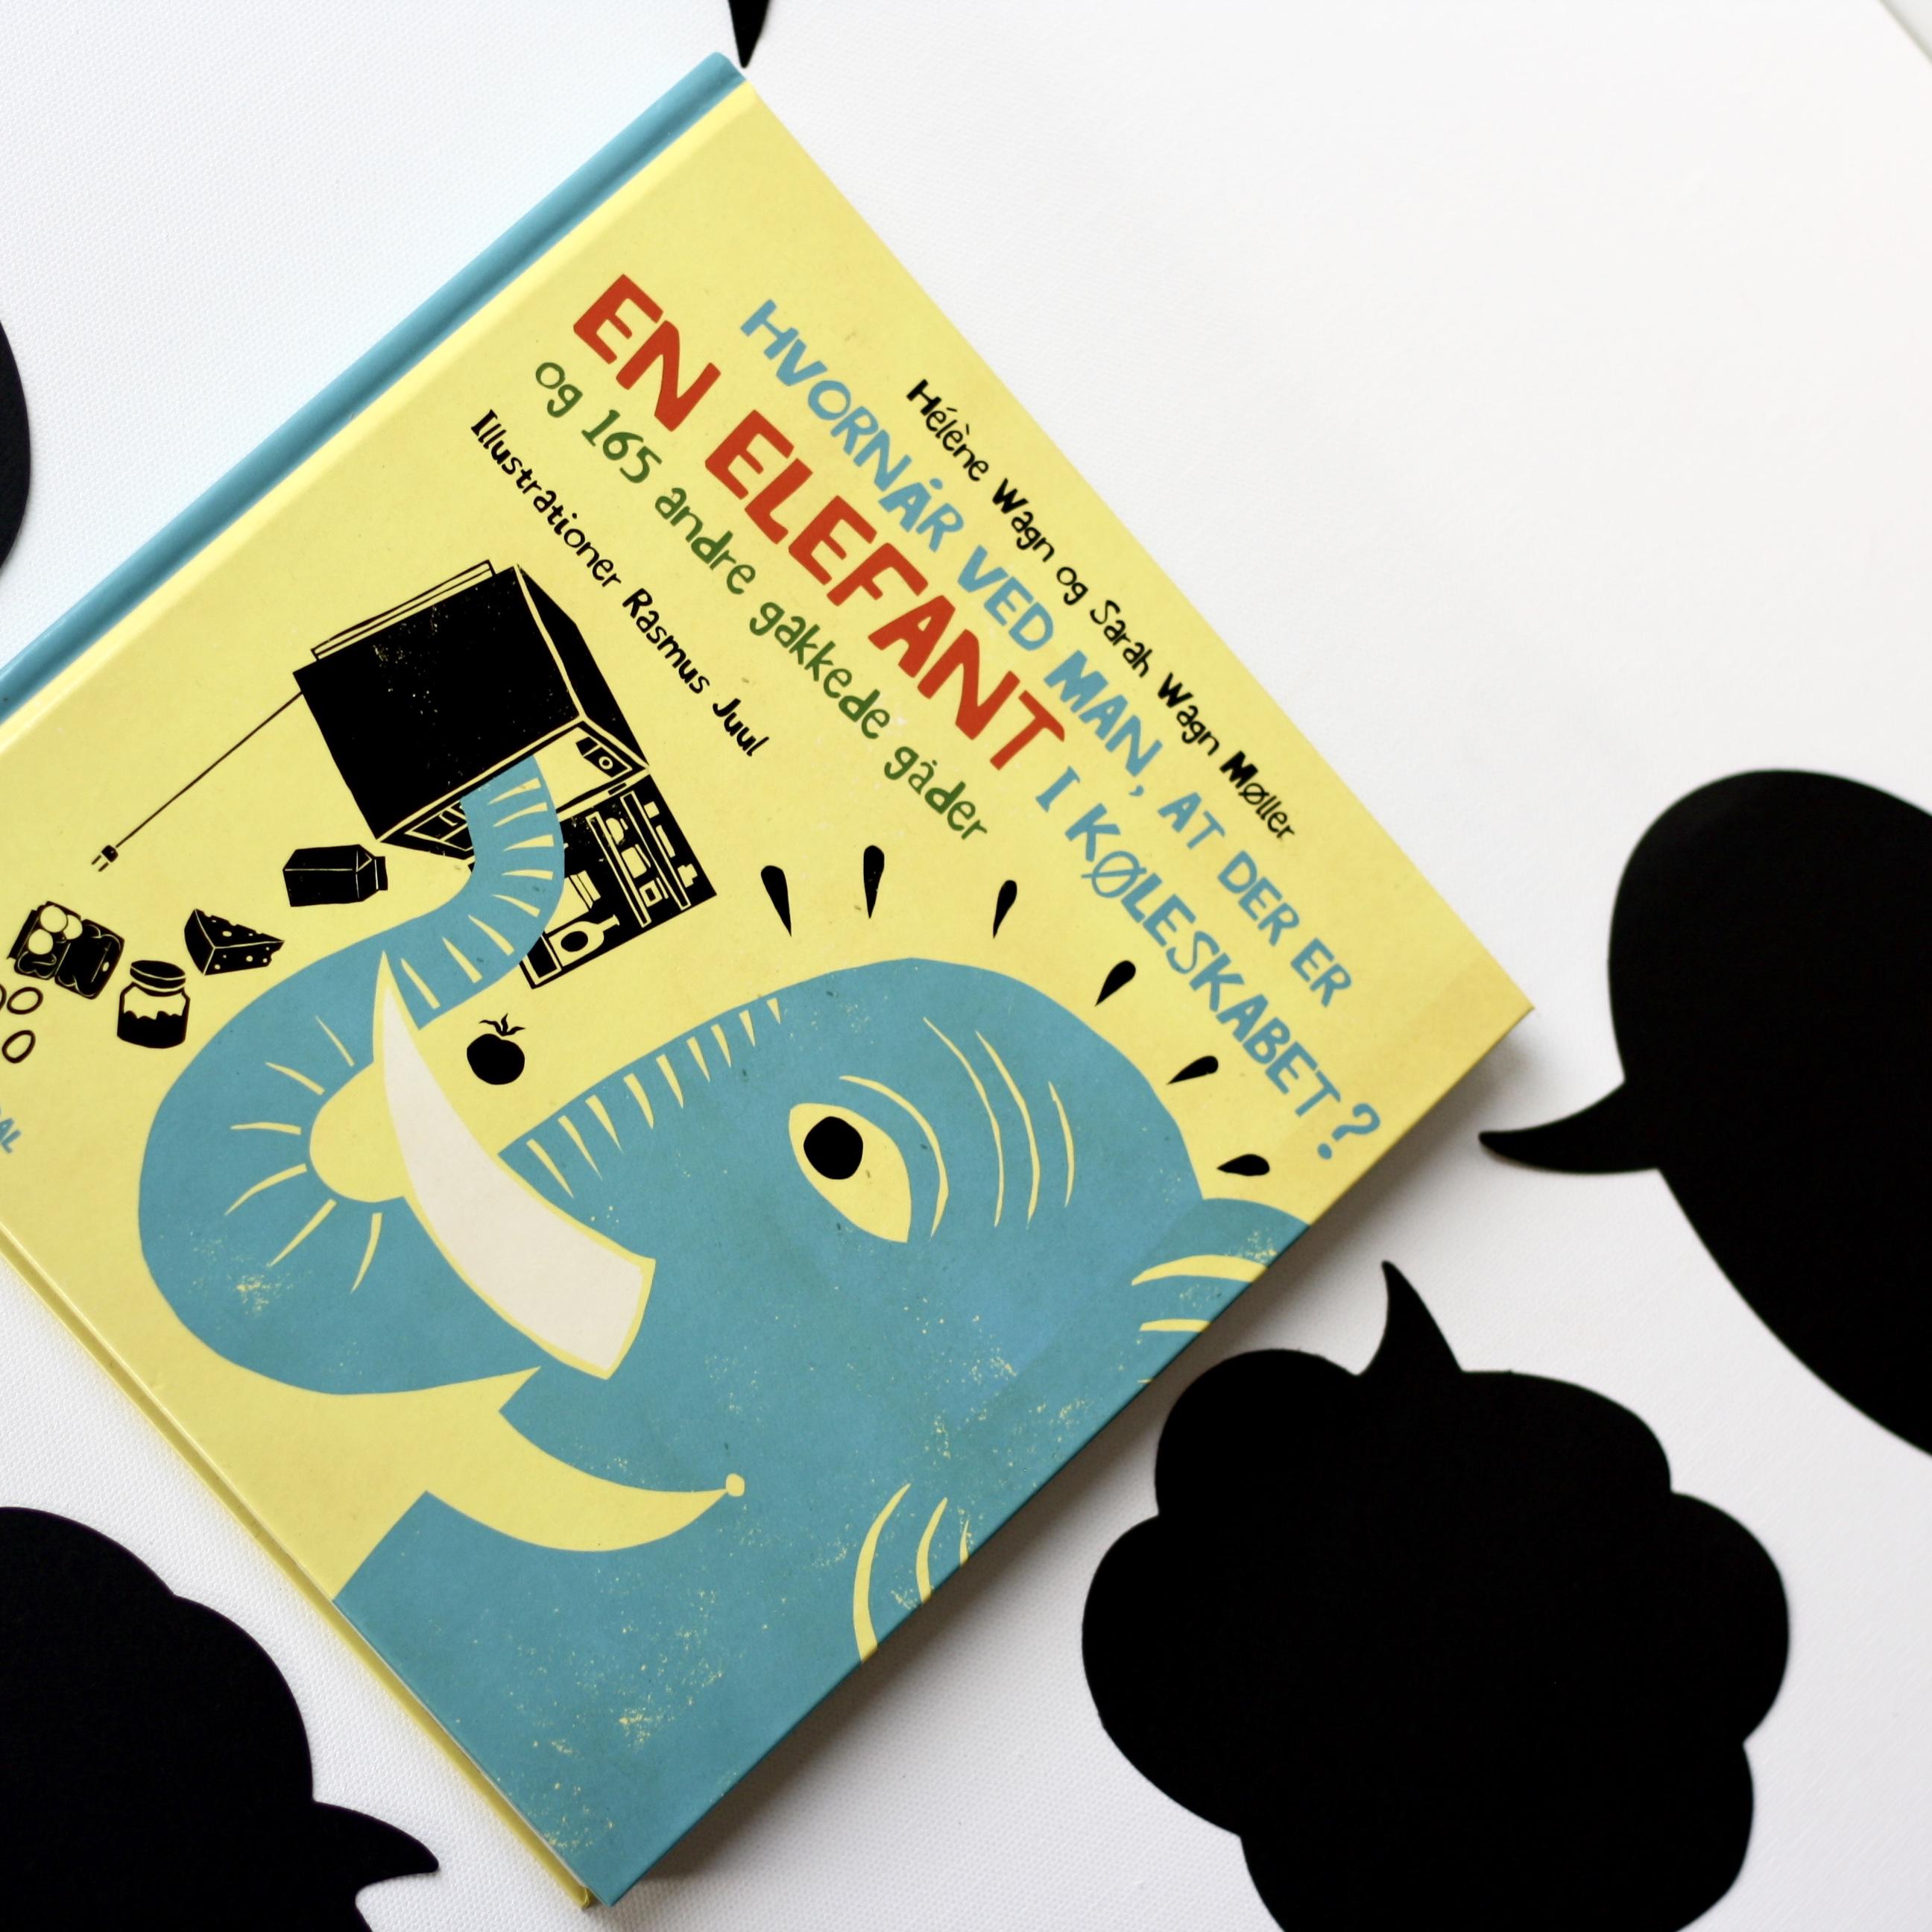 Hvornår ved man, at der er en elefant i køleskabet? Hélène Wagn, Sarah Wagn Møller, Rasmus Juul, Bogoplevelsen